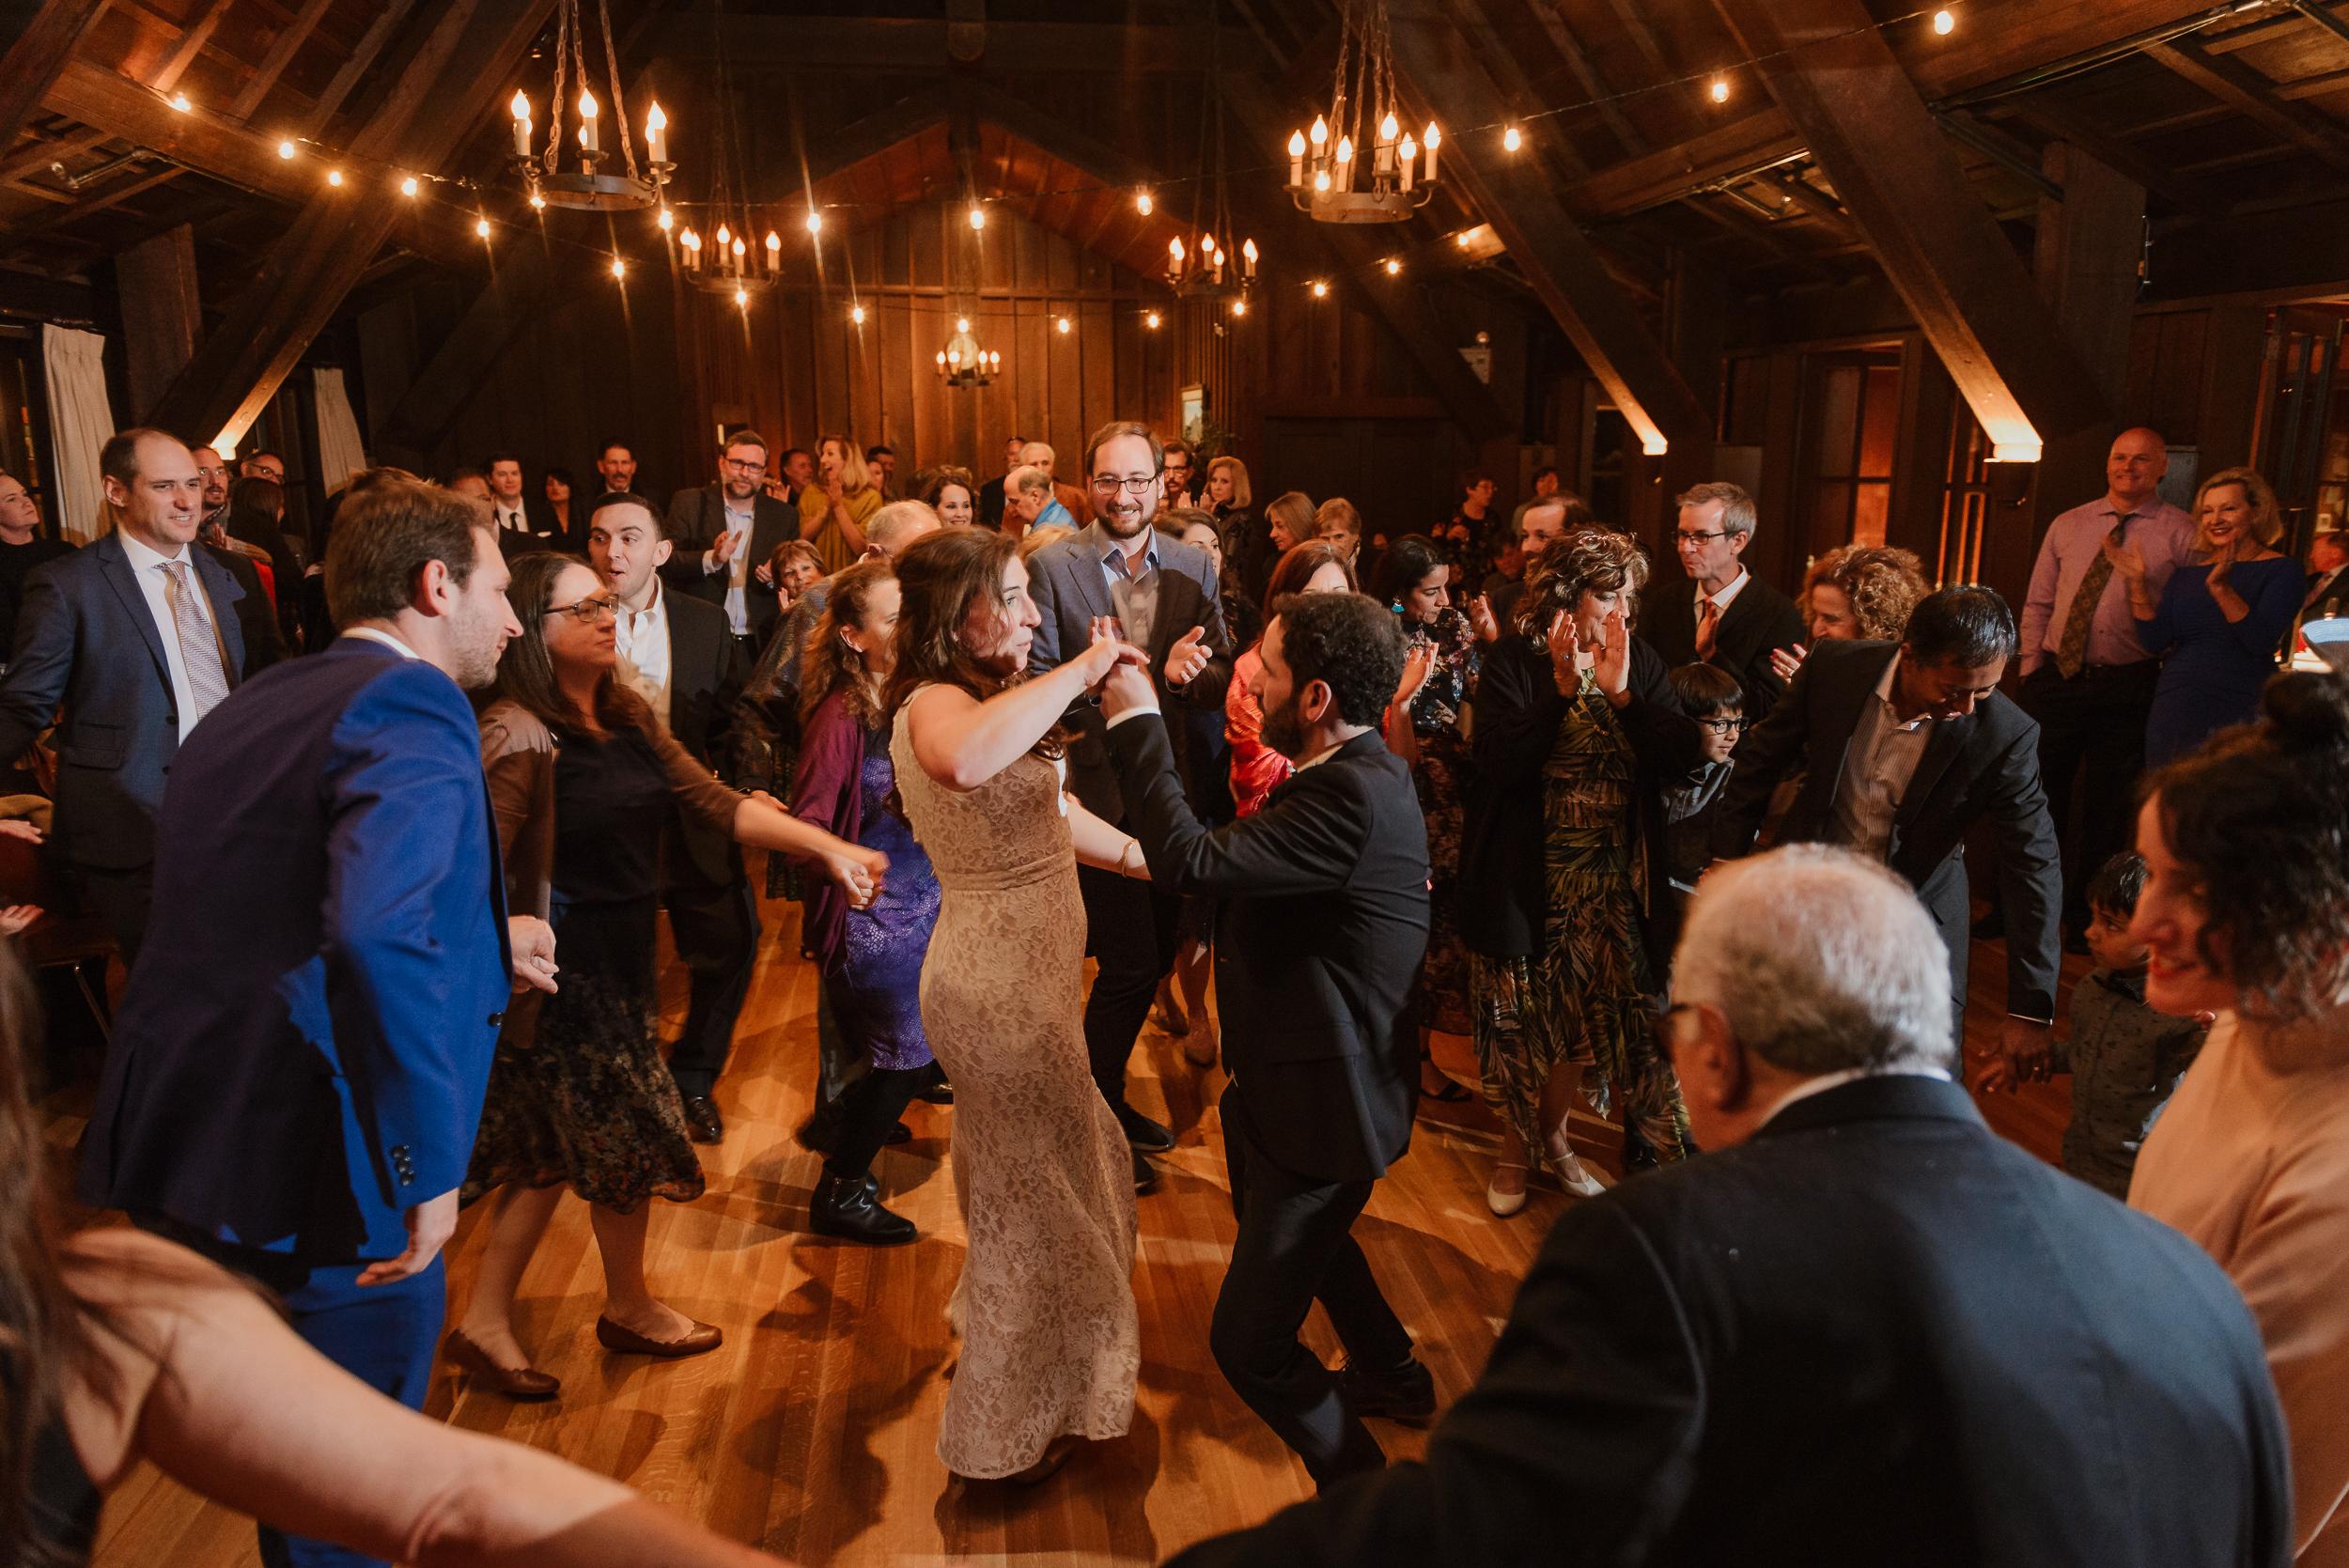 078winter-mill-valley-wedding-outdoor-art-club-wedding-vivianchen-447.jpg